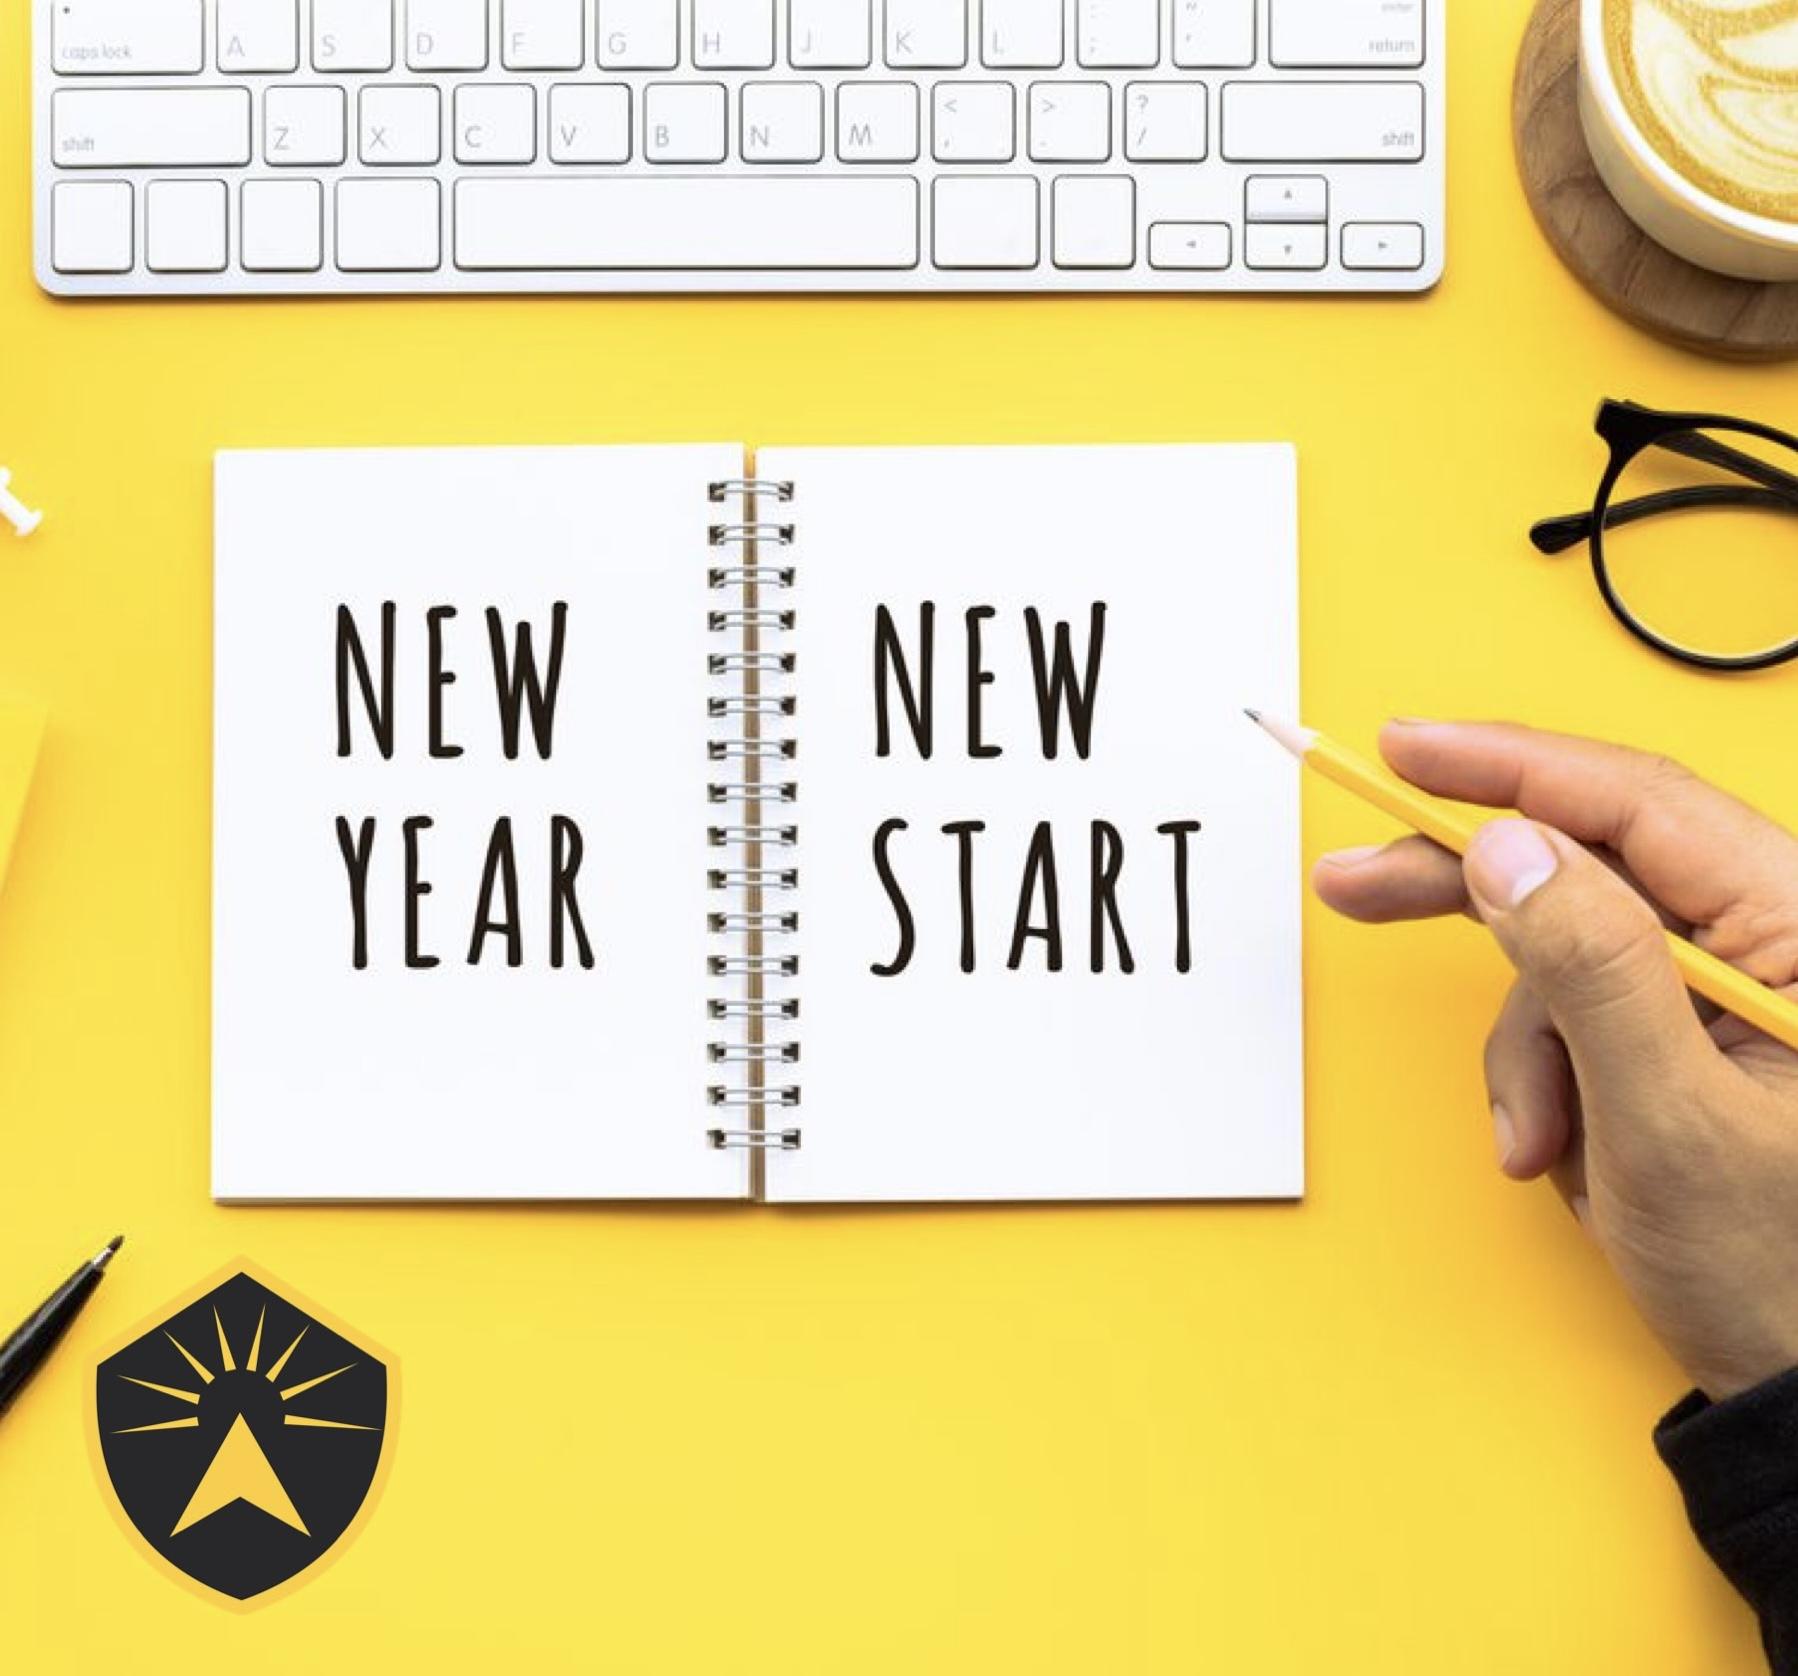 NEW YEAR! NEW START!